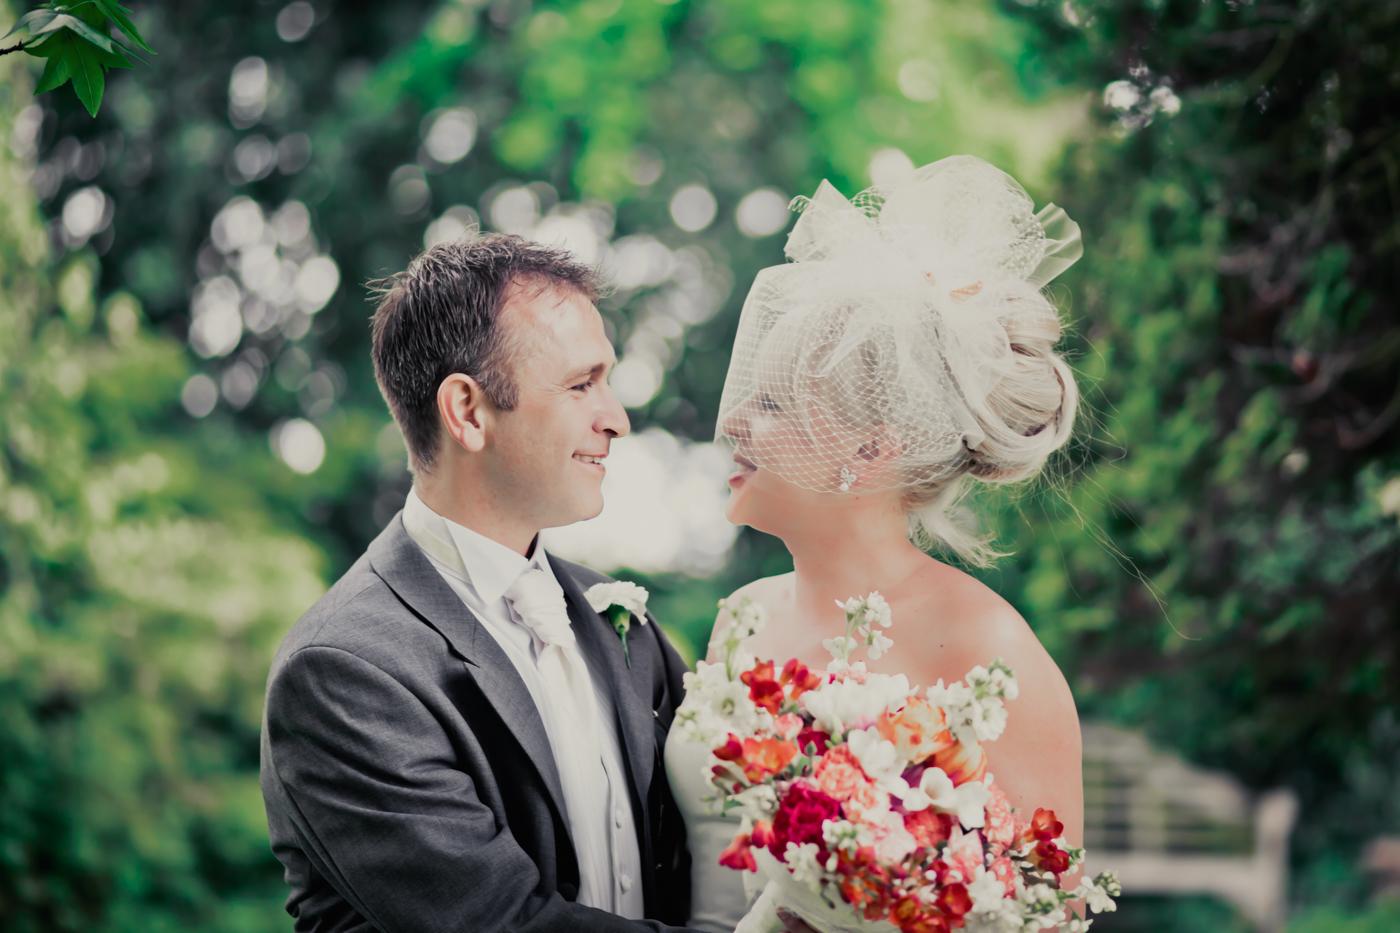 168 Keedy and Carl at The Secret Garden in Retford  - Wedding Photography by Mark Pugh www.markpugh.com_.jpg